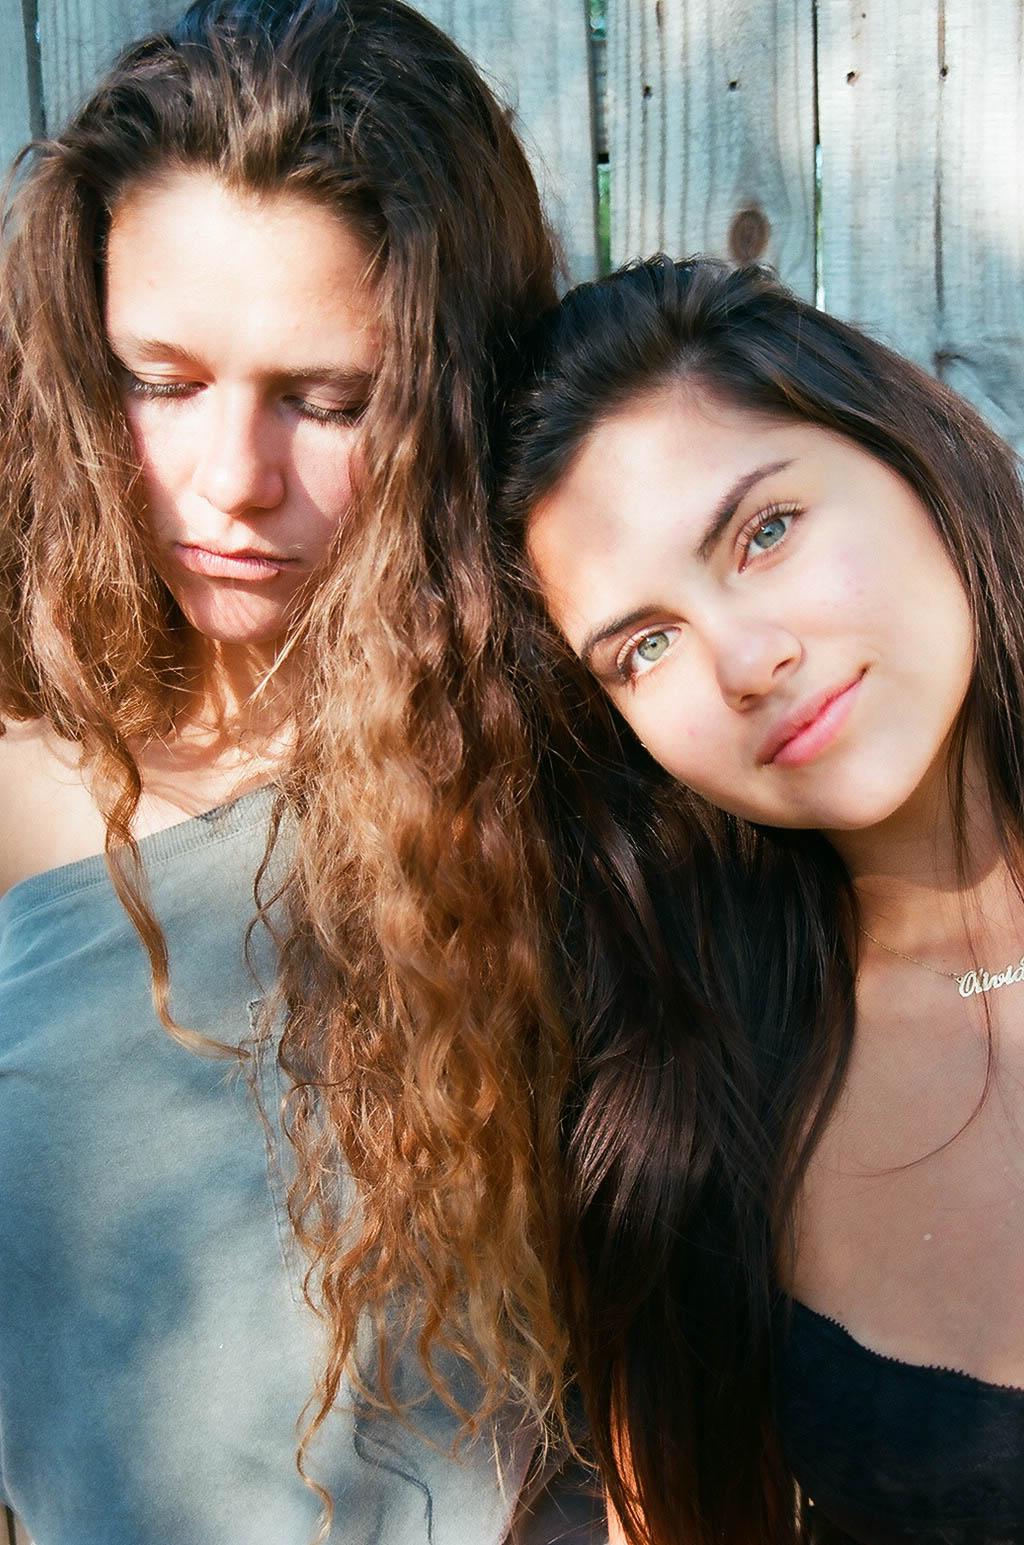 Leah + Liv